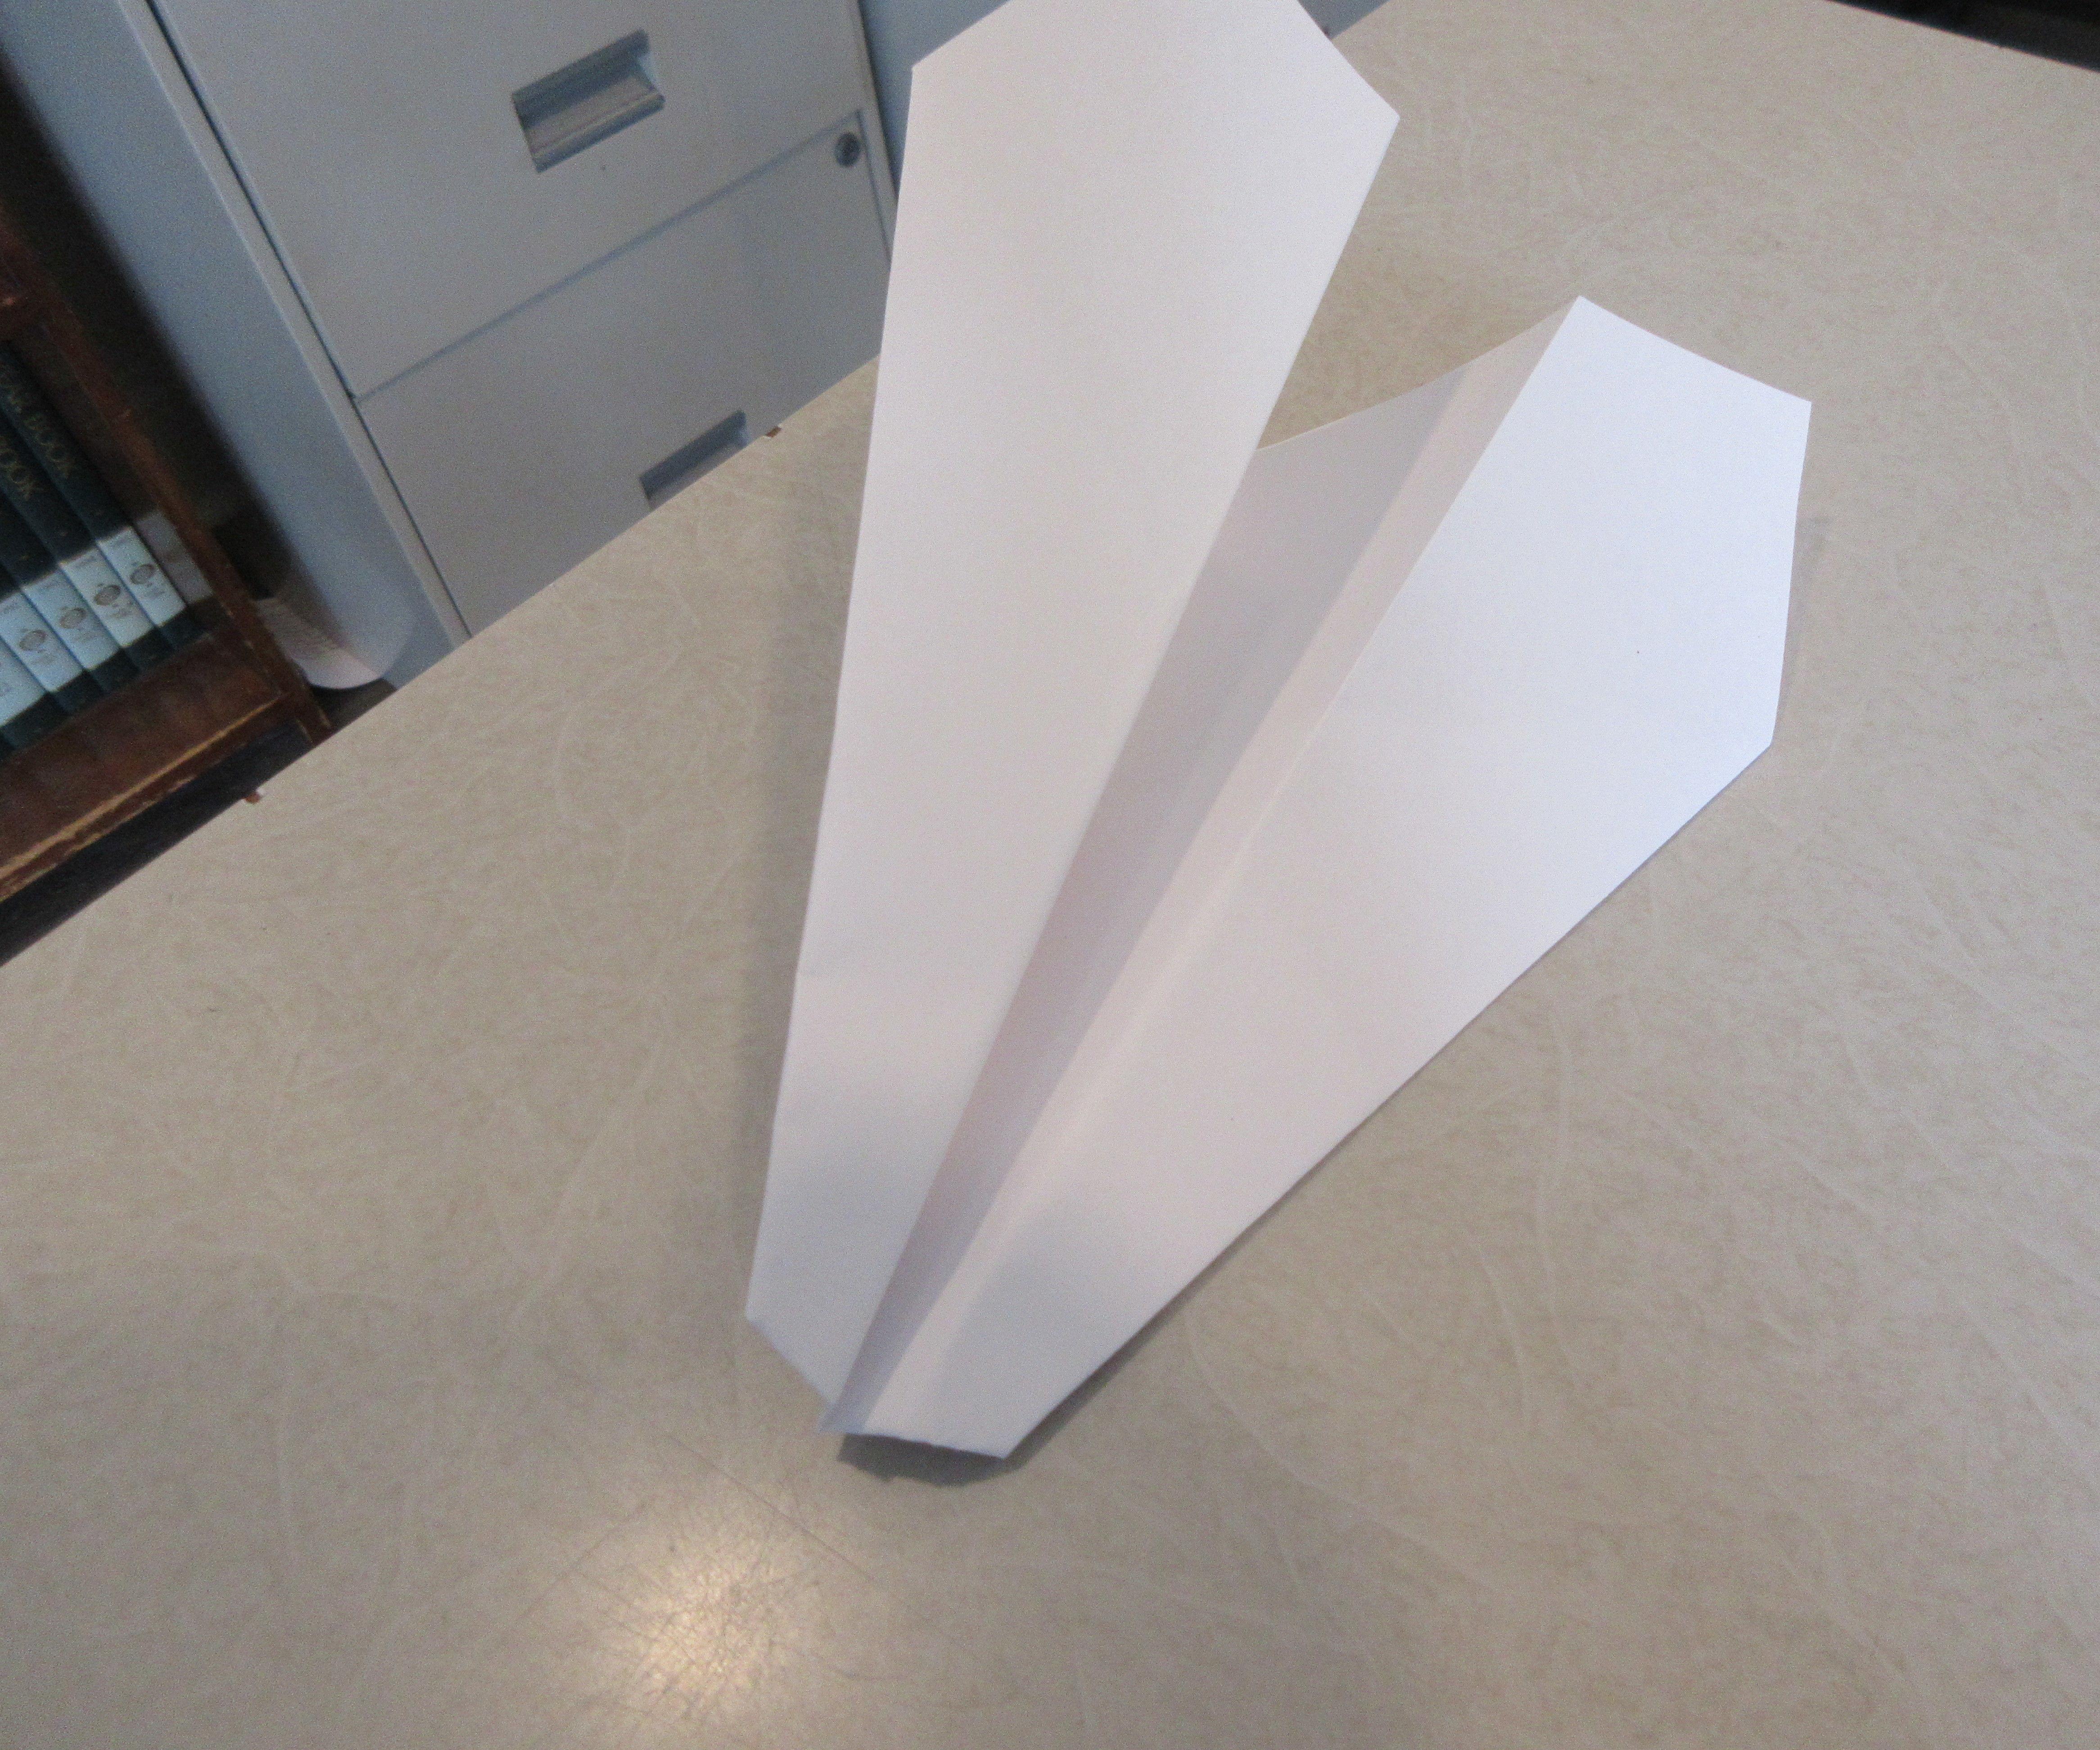 The Eagle Paper Plane (Flies Super!)